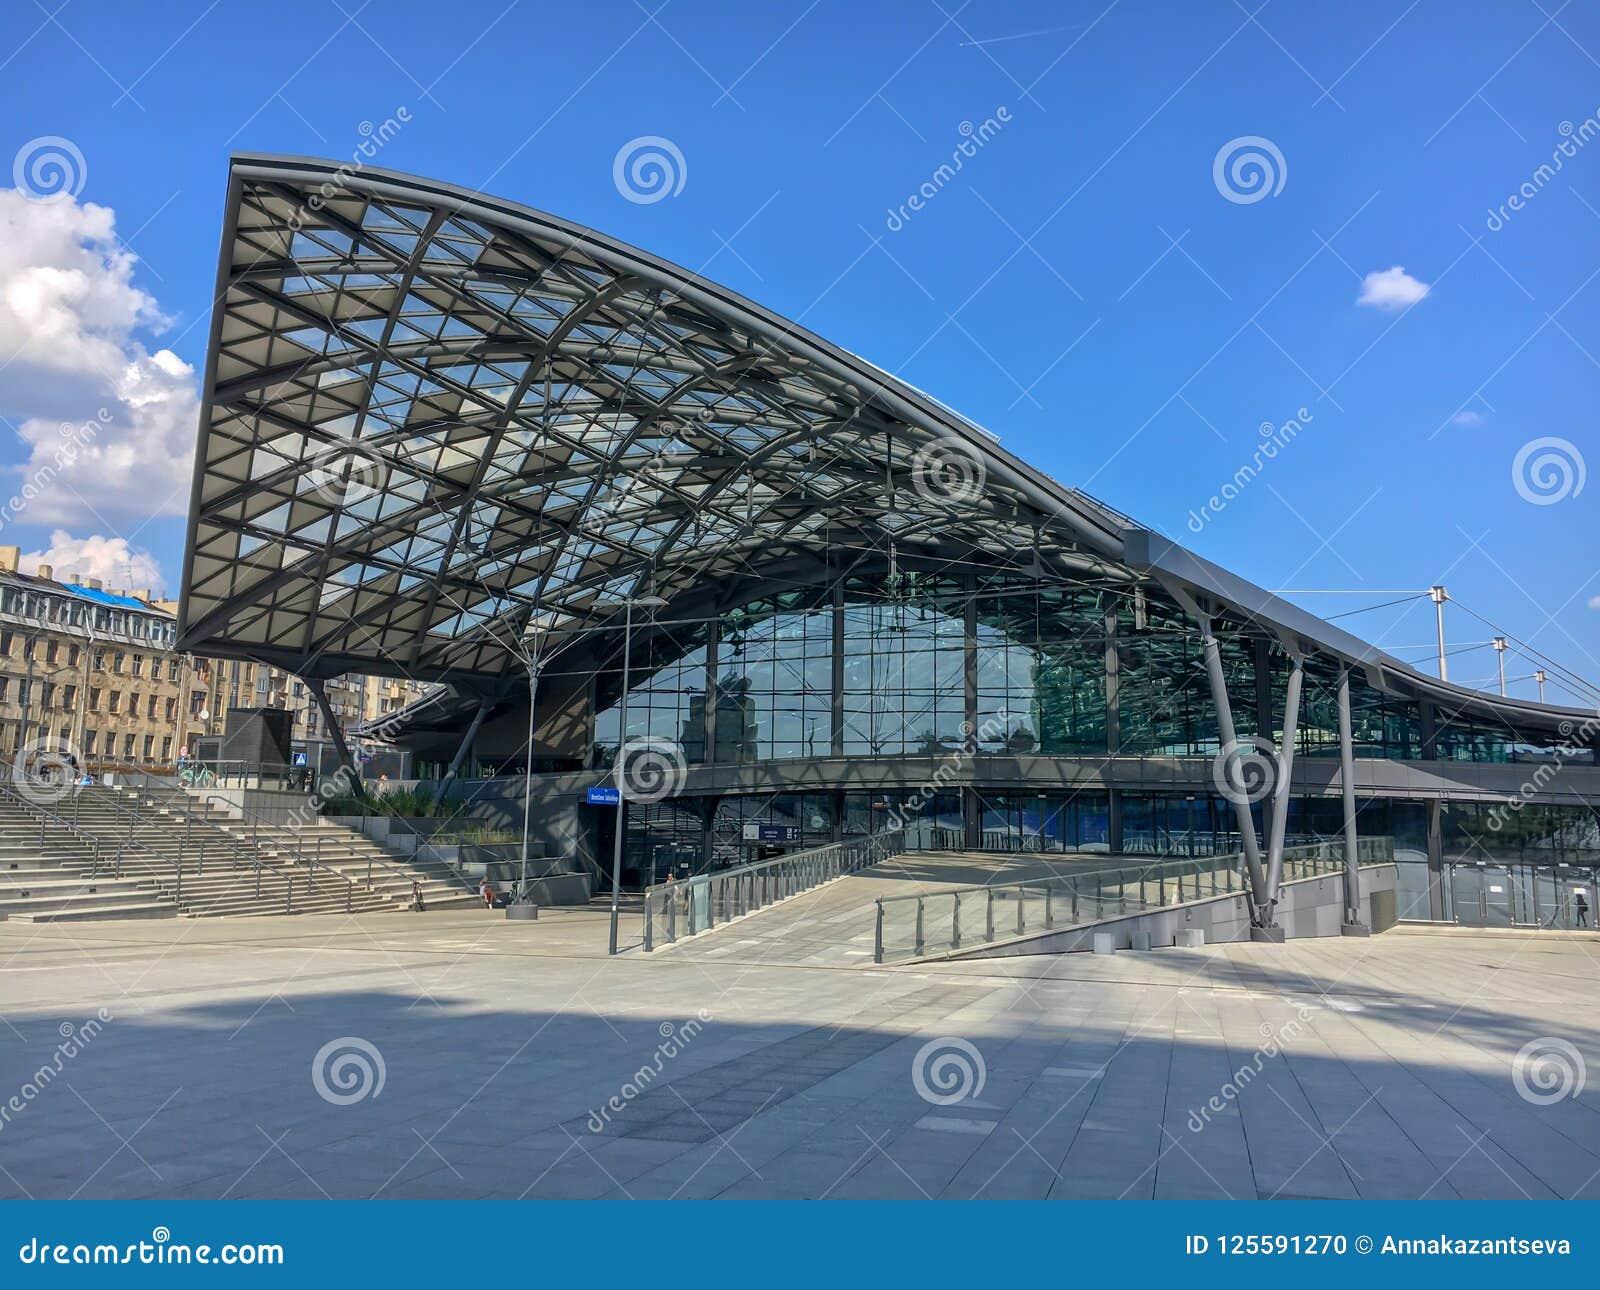 Järnvägsstation`-Lodz Fabryczna `, Lodz, Polen Modern futuristisk härlig järnvägsstation